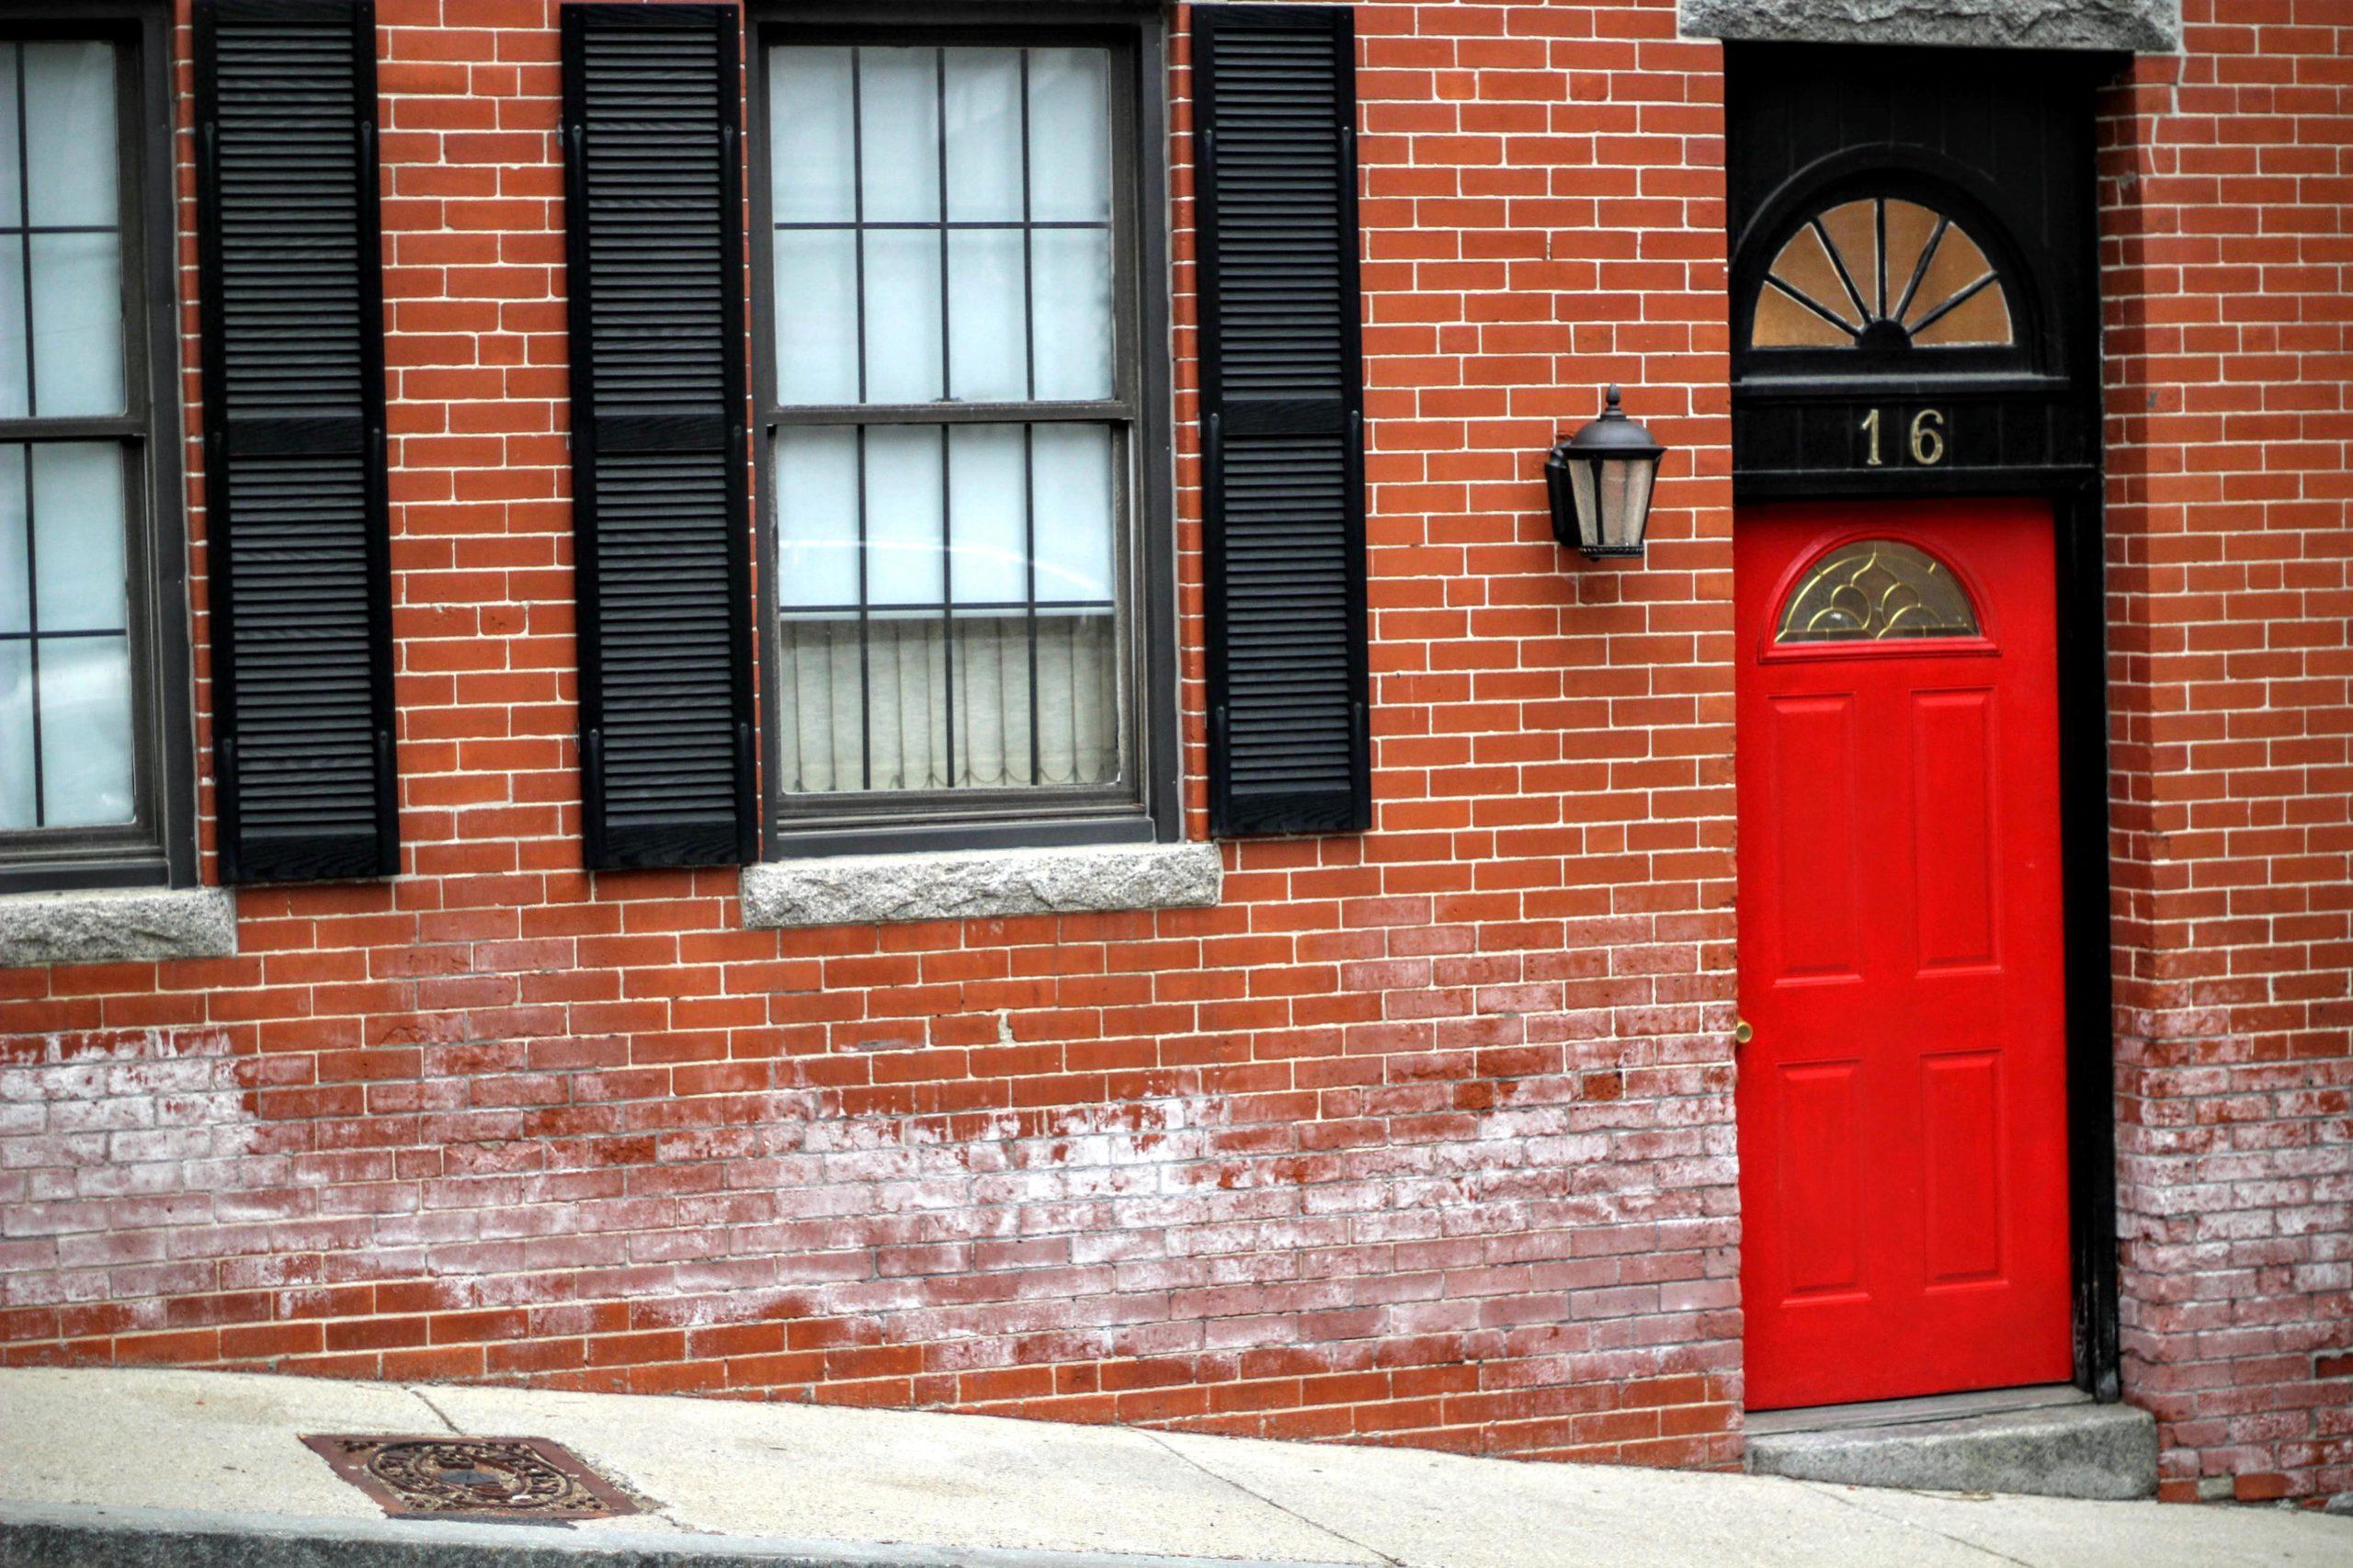 Fachada de habitação com portão vermelho e de número 16